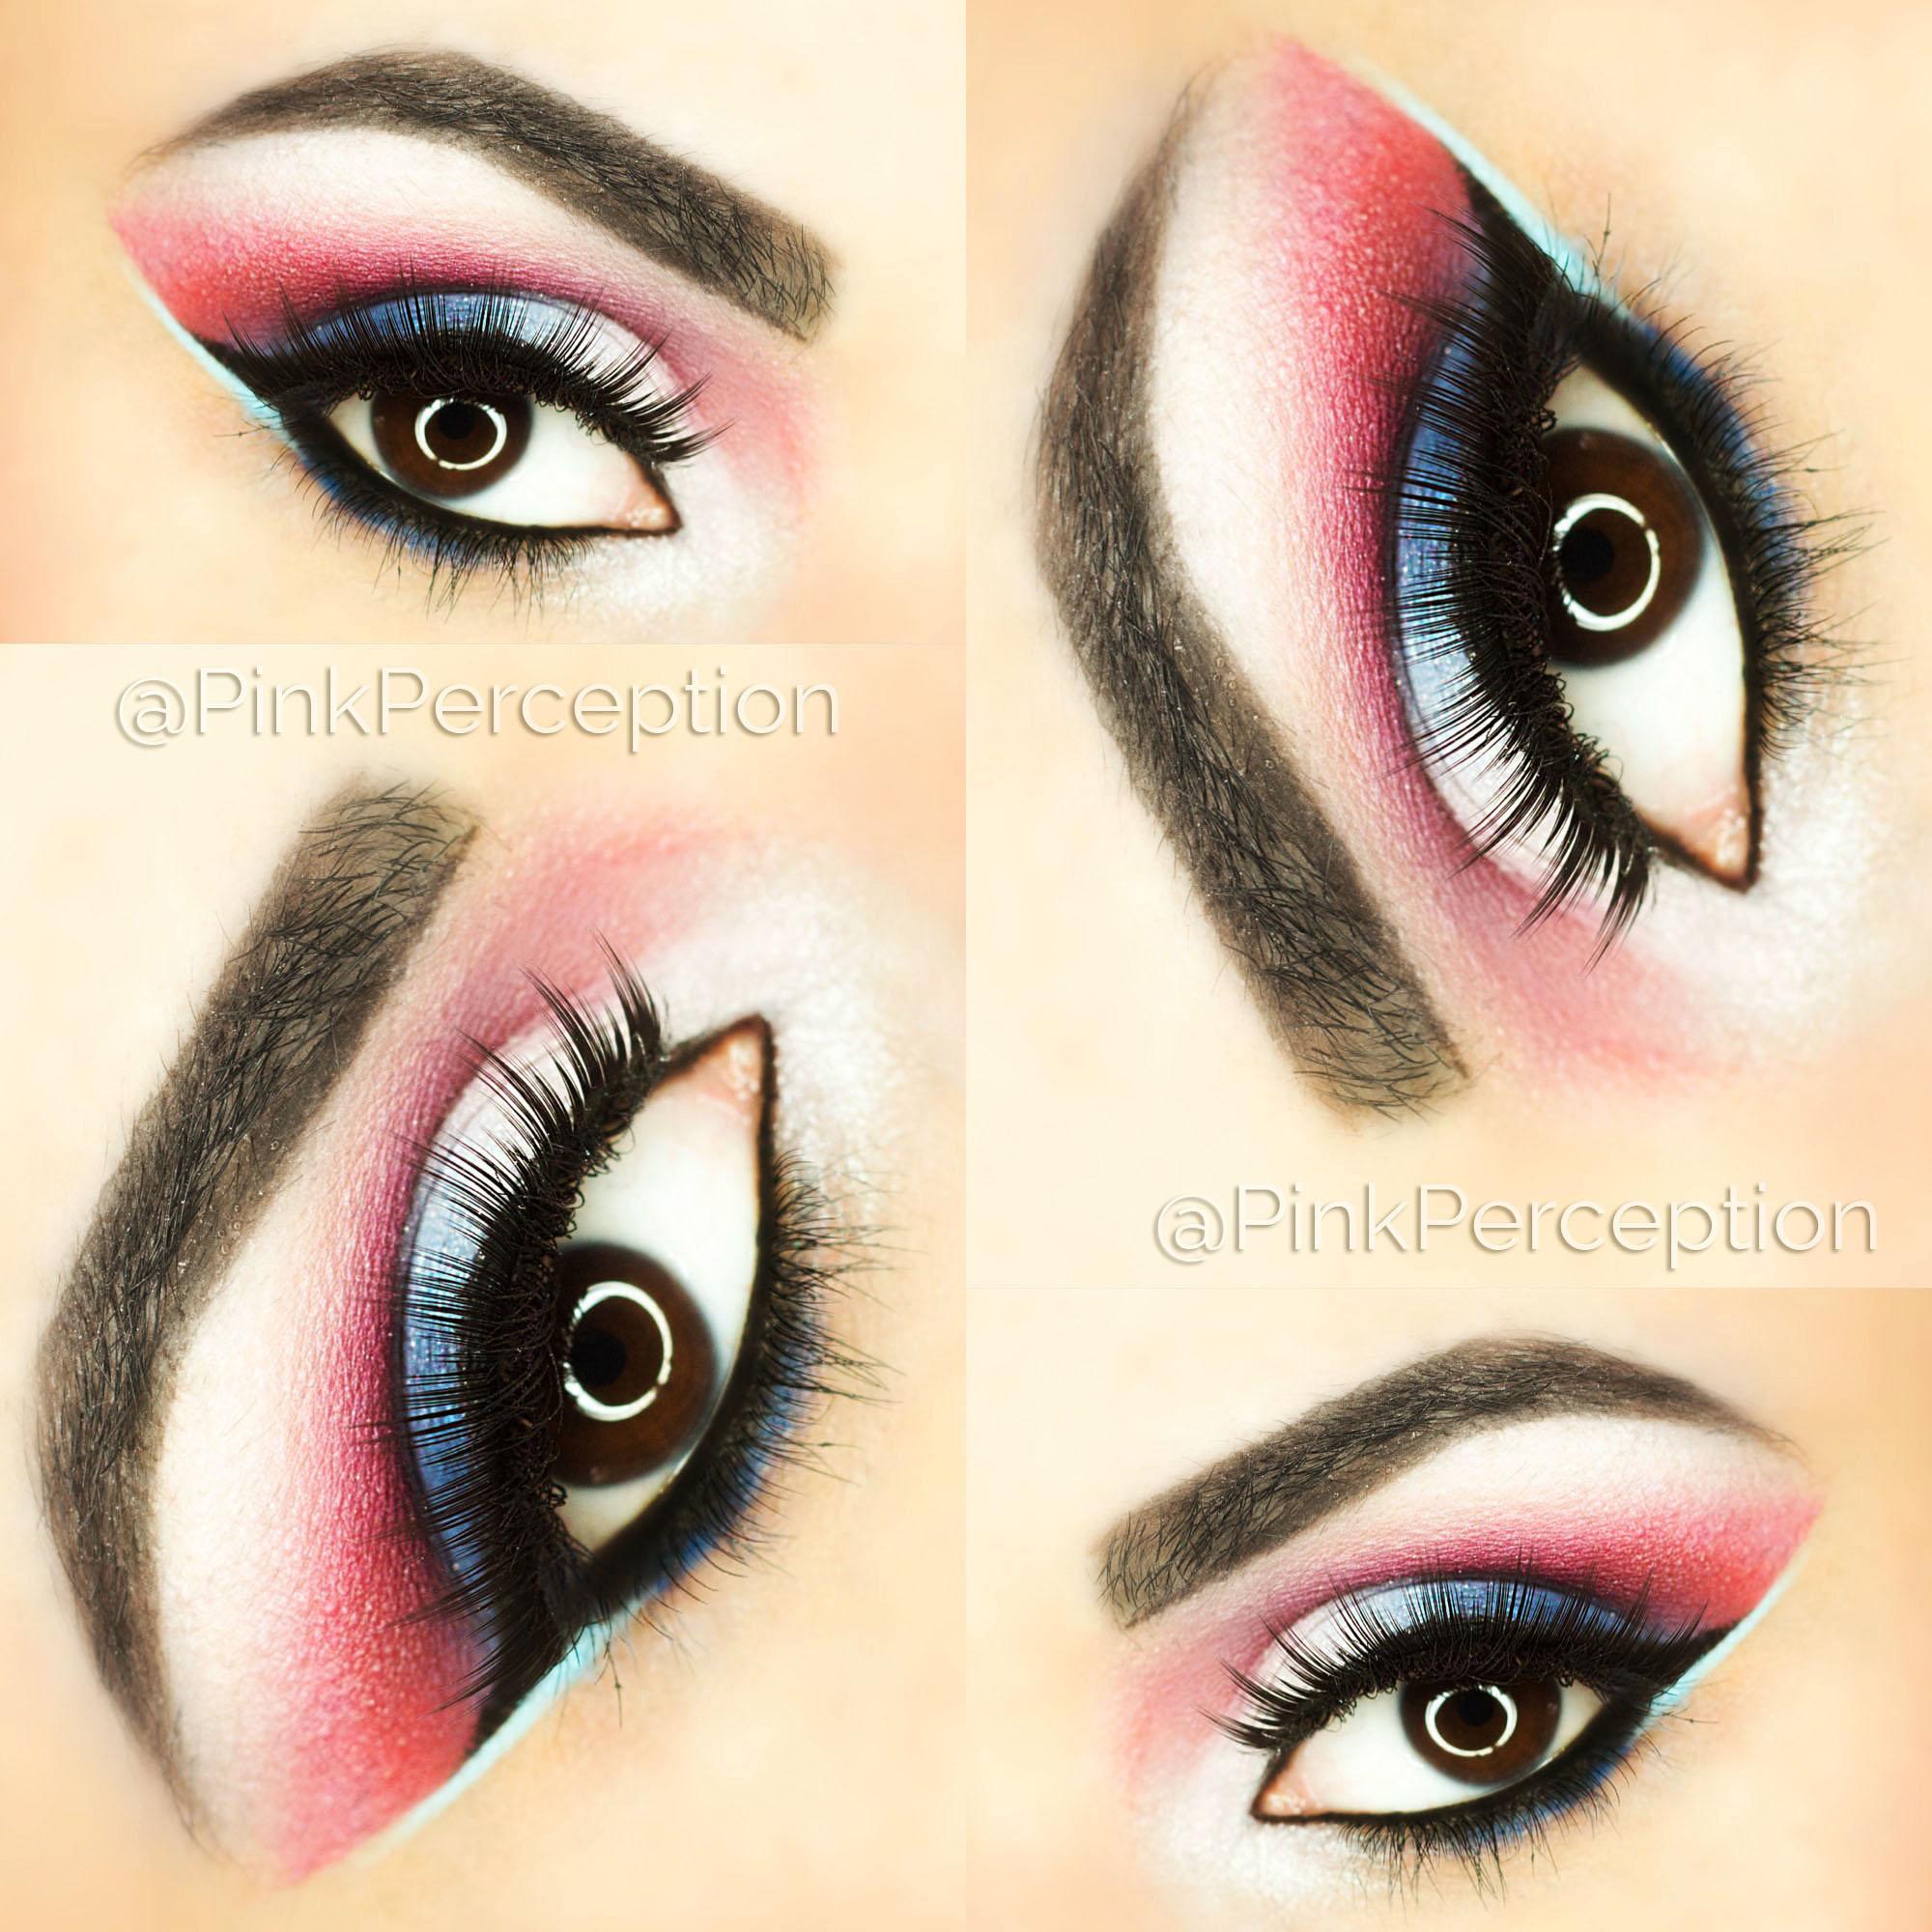 Eyemakeup Inspiration Pink Perception